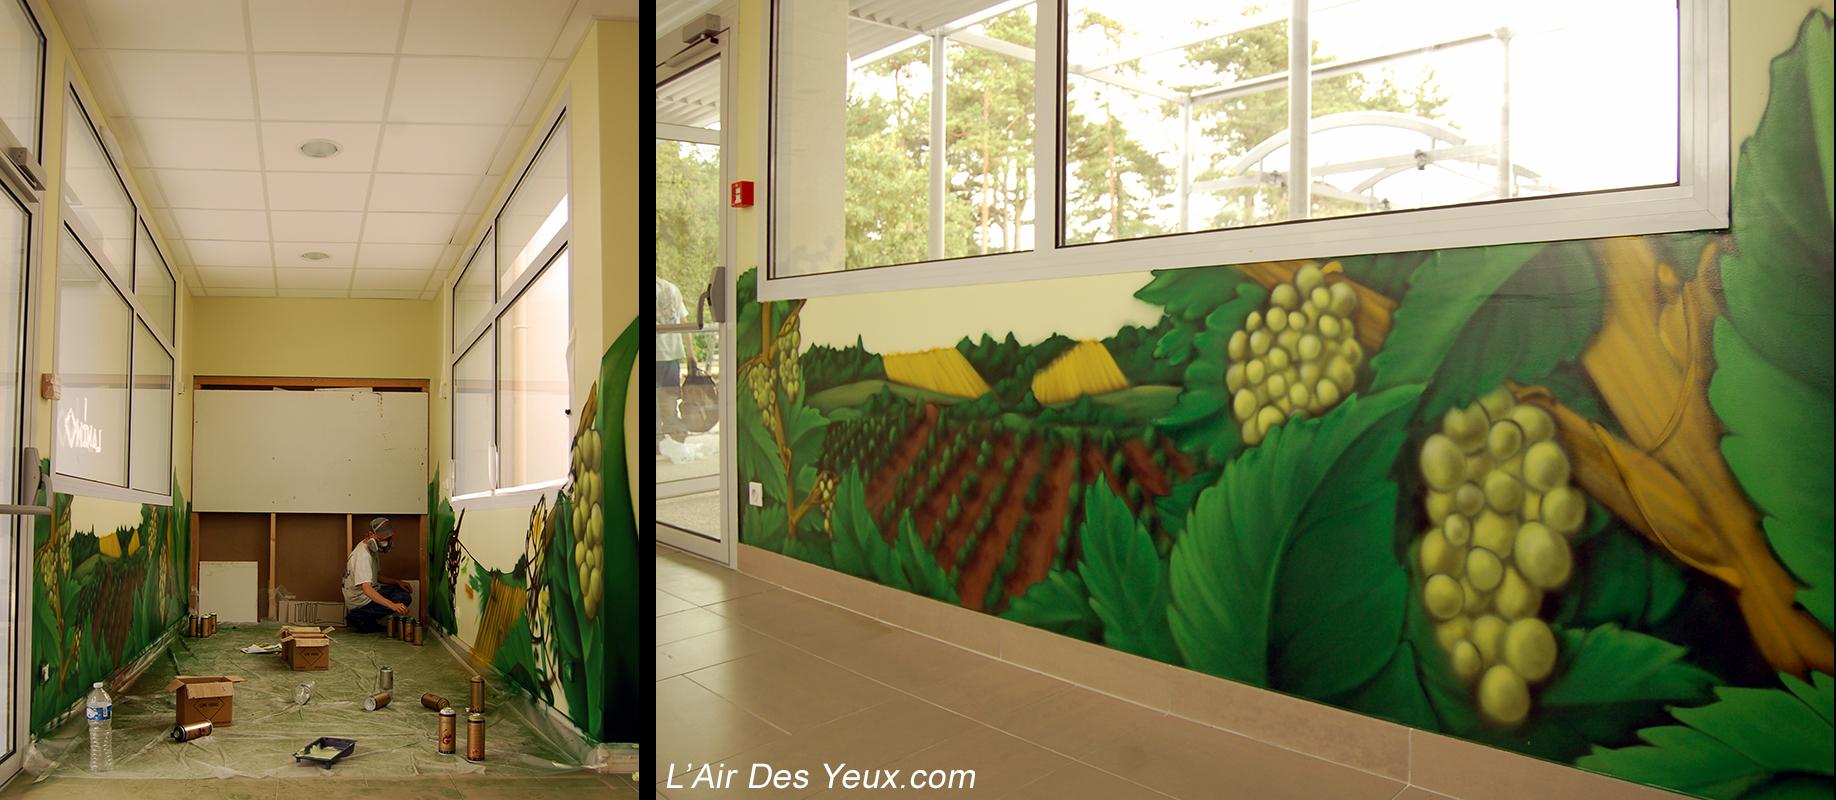 eden café (37) JEODE - Juillet 2010 (4,10m x 0,80m)